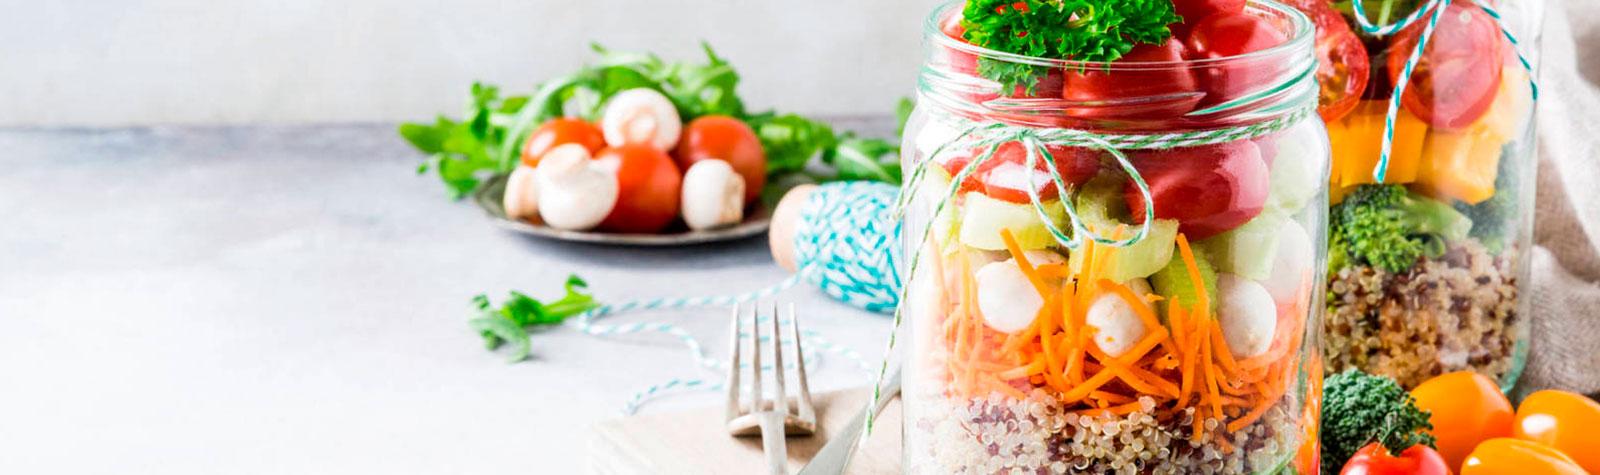 Nutrición para aumentar las defensas y no engordar en cuarentena